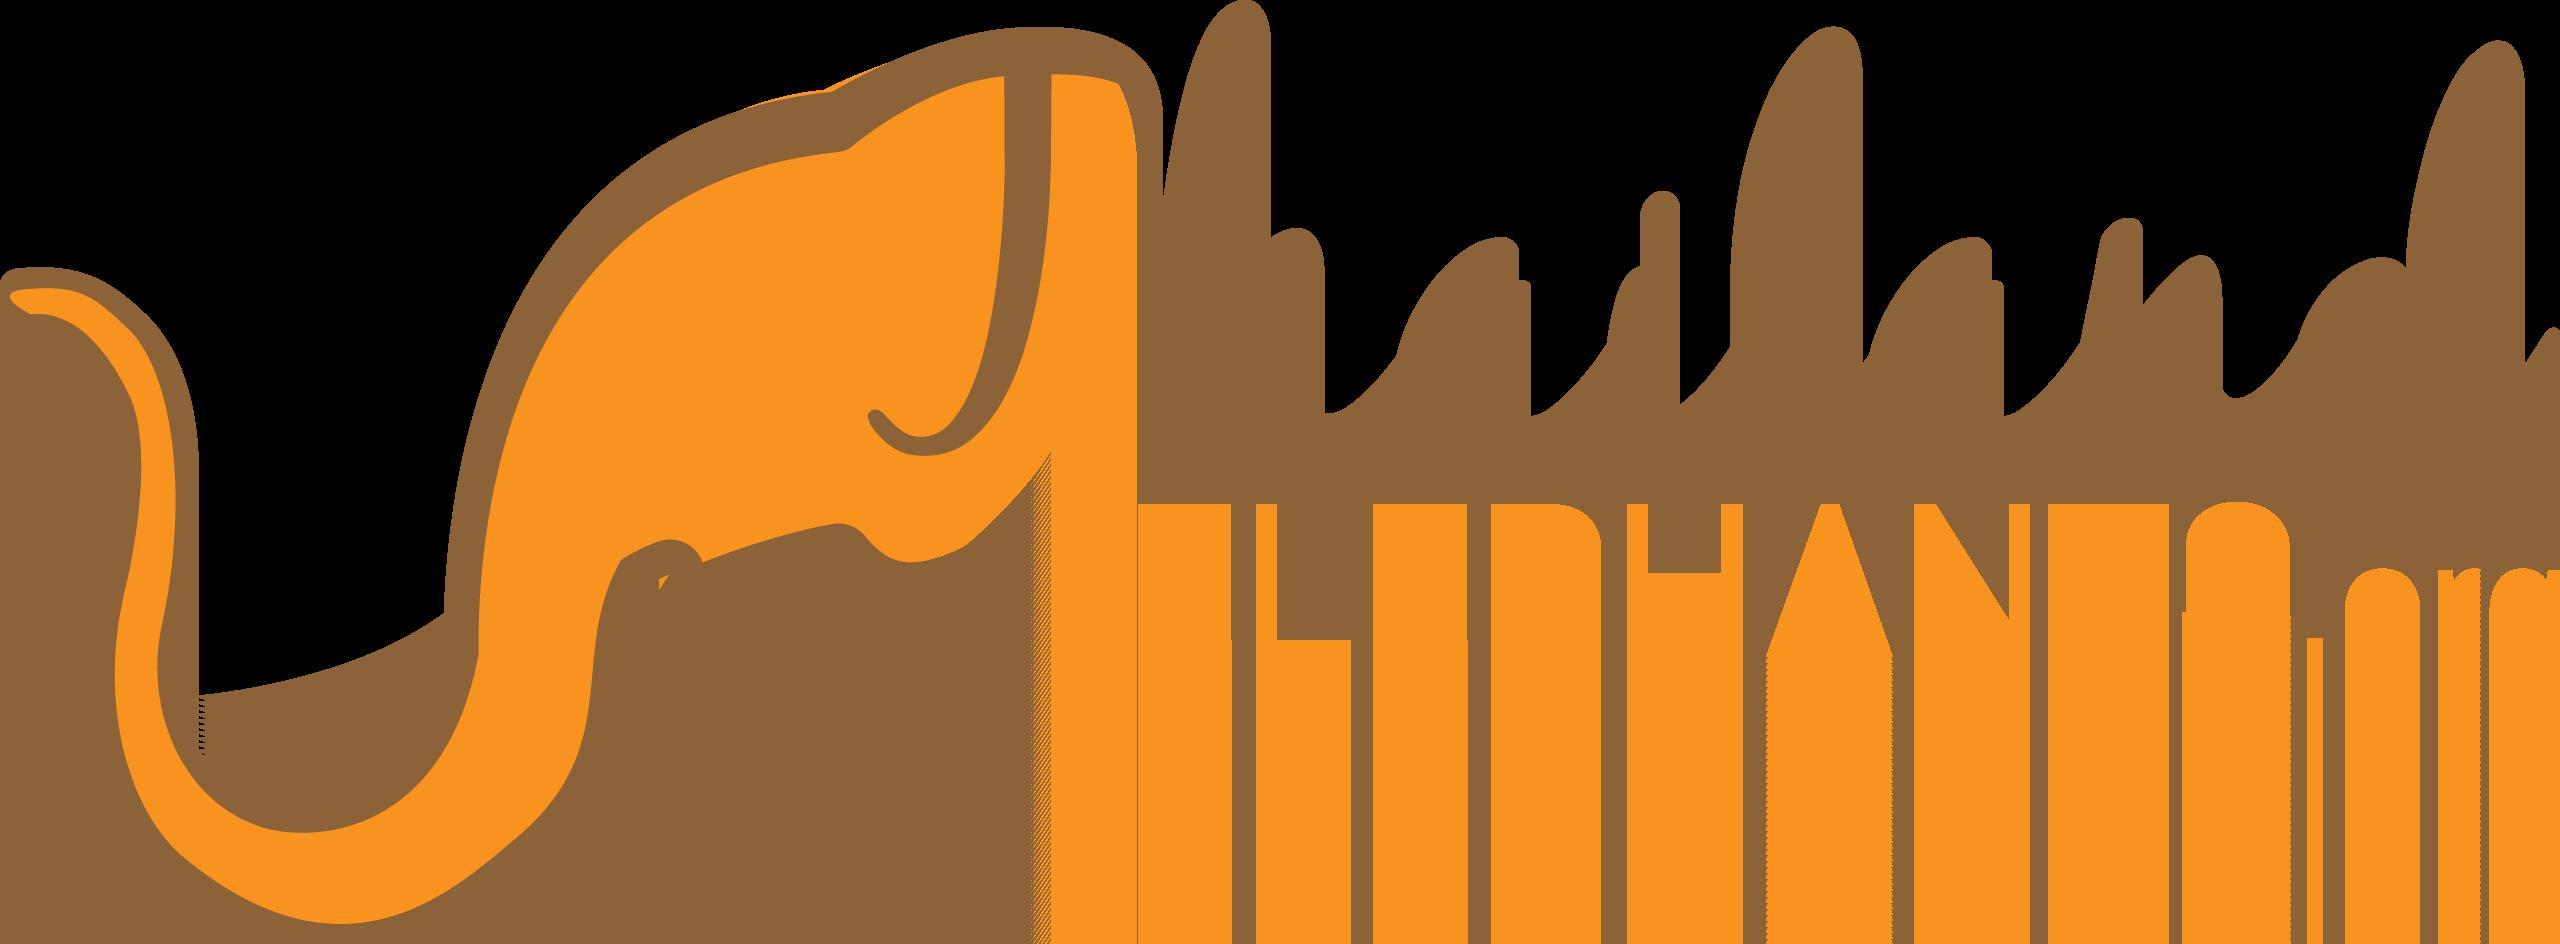 Thailand Elephants logo